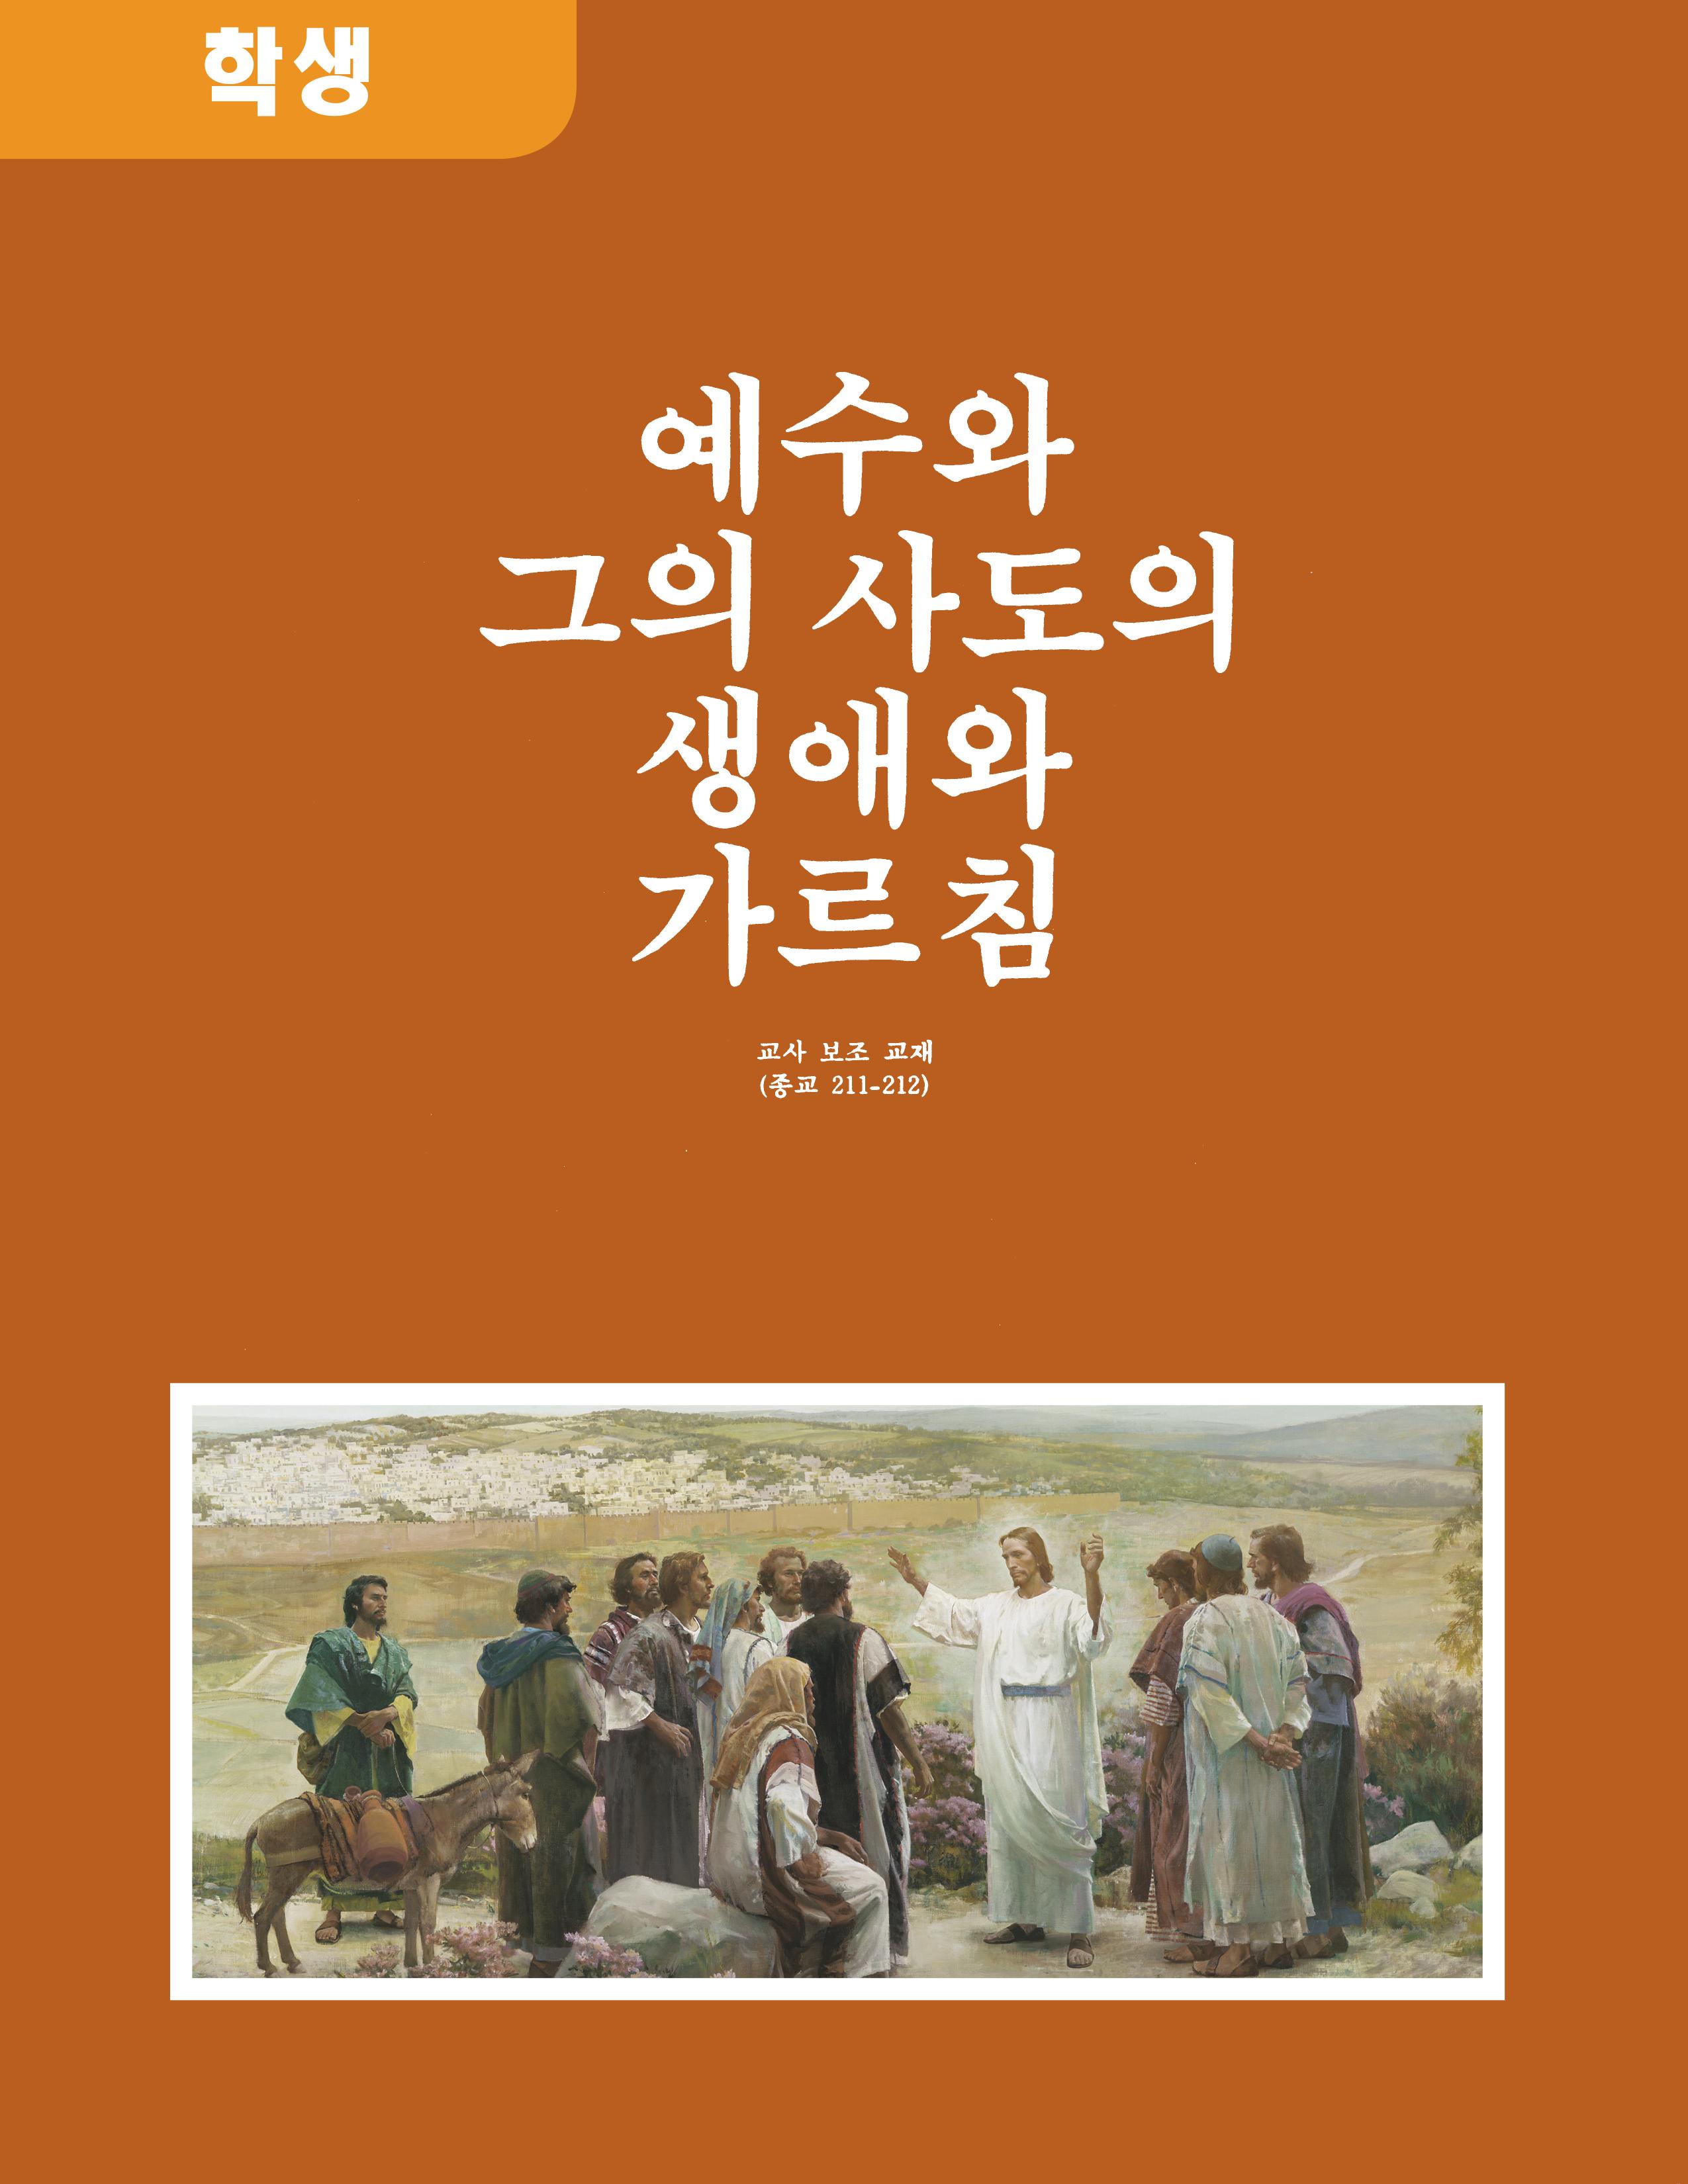 예수와 그의 사도의 생애와 가르침 - 학생 교재